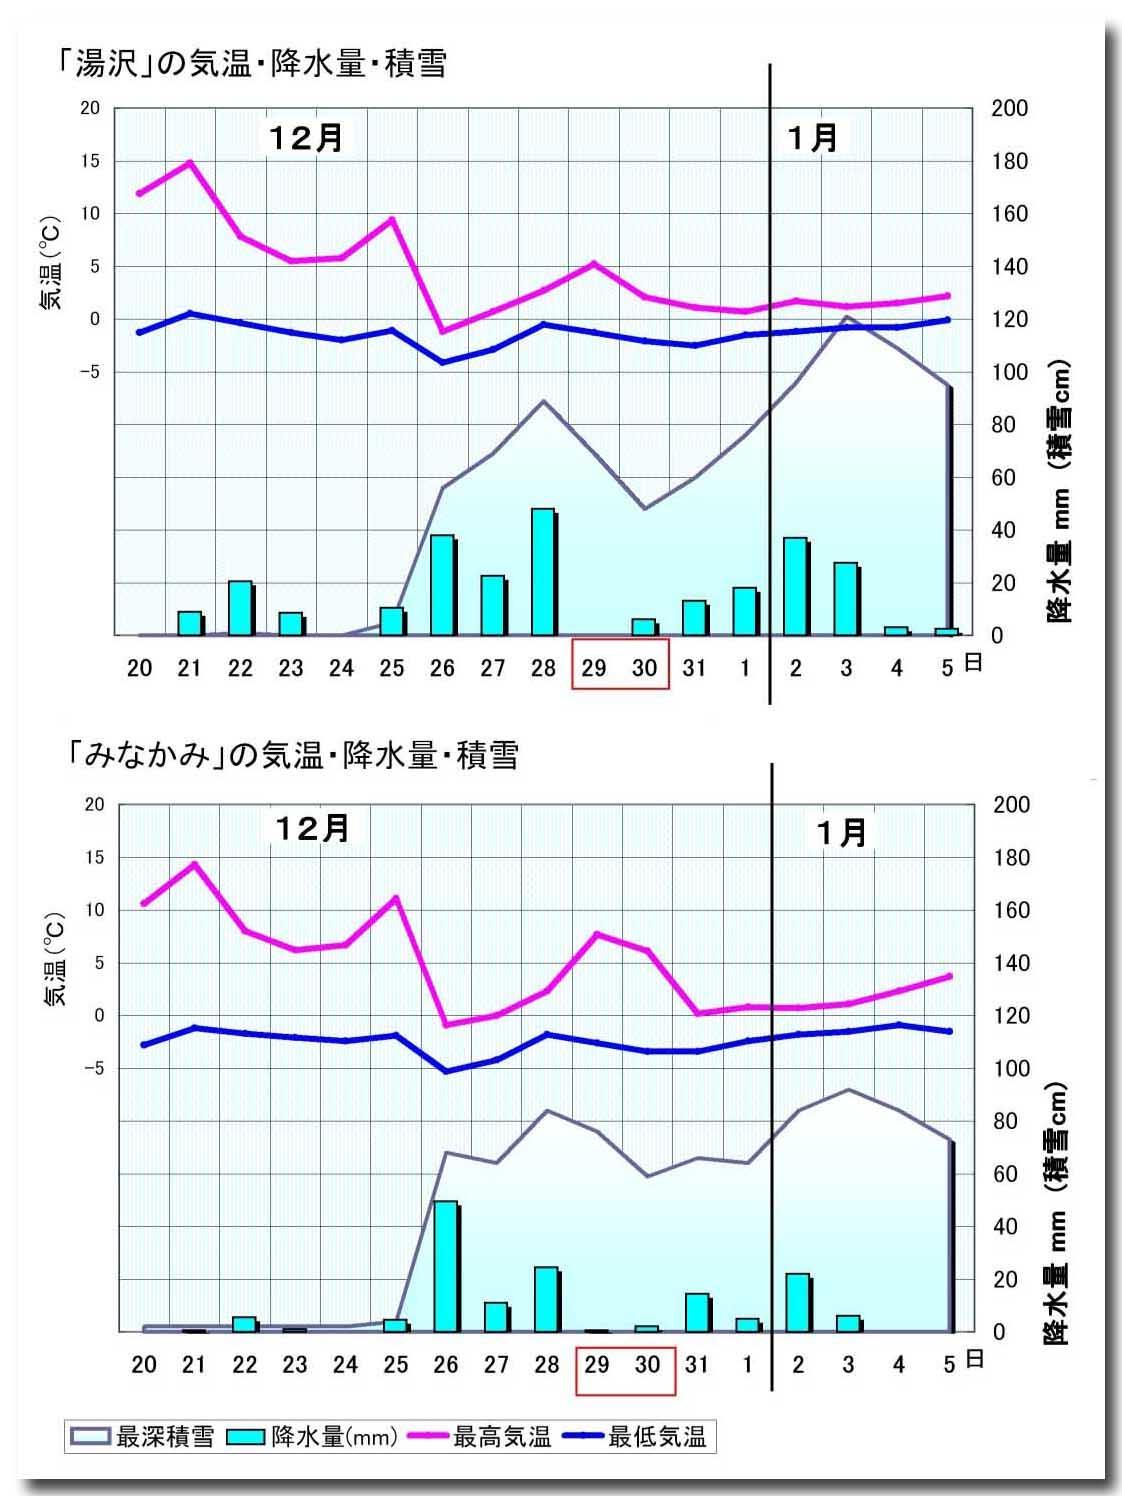 湯沢・みなかみの気温、降水量、積雪グラフAのコピー